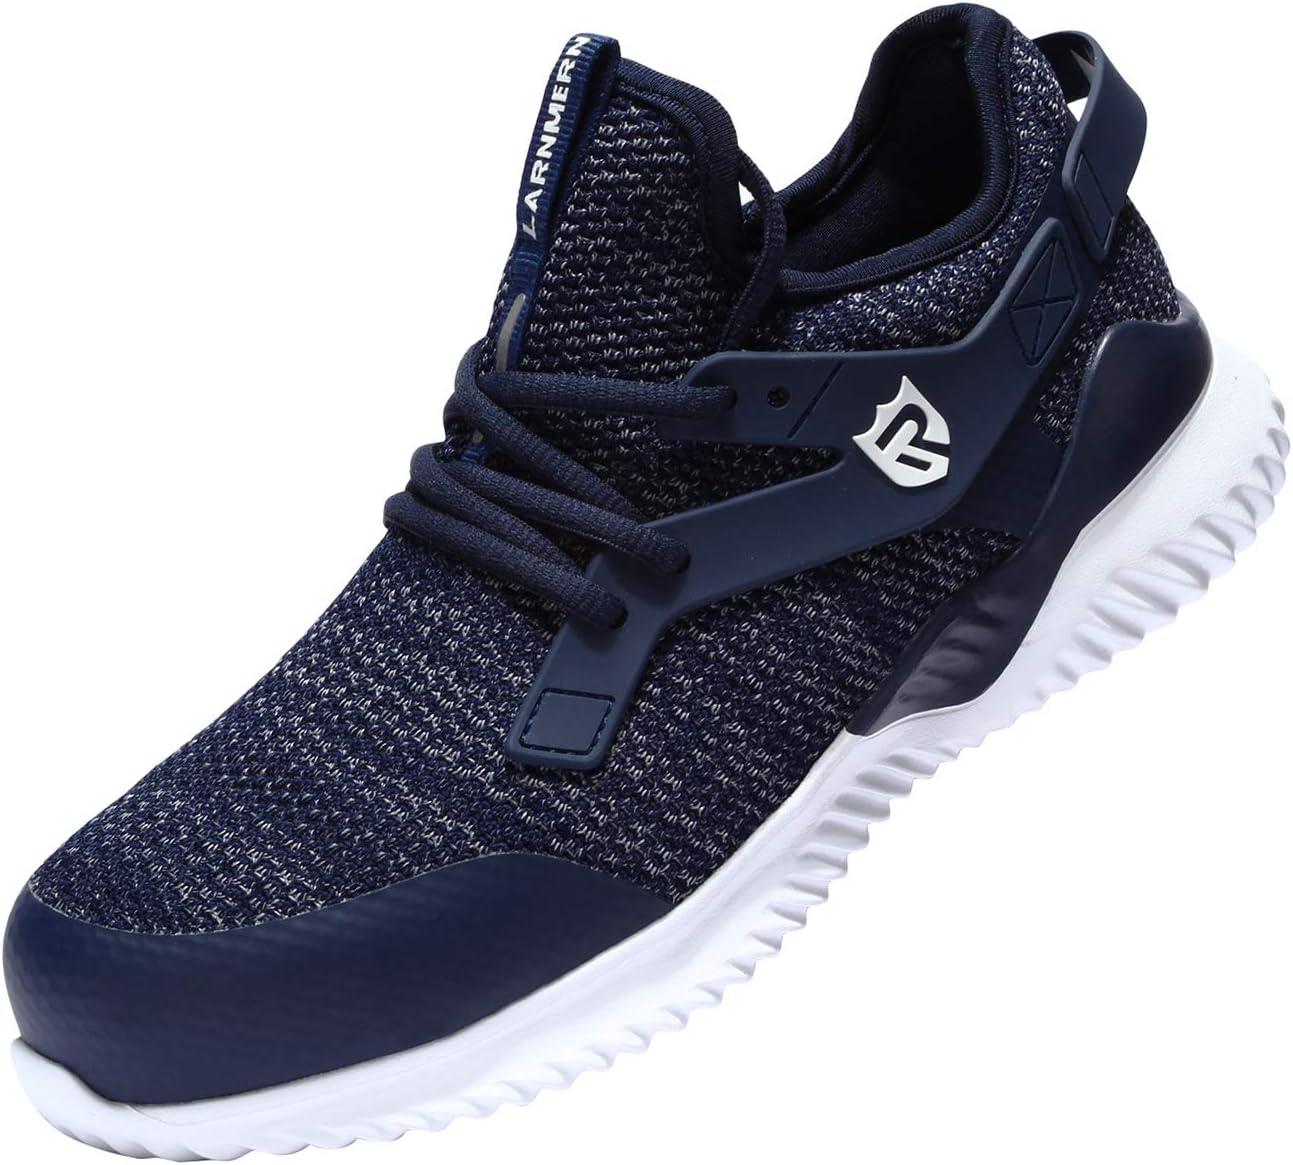 QINGMM Zapatos Indestructibles para Los Hombres, A Prueba De Pinchazos Seguridad En El Trabajo Zapatillas De Deporte, Anti-Sensacional No Slip Zapatos De Acero del Dedo, Industrial,Azul,45 EU: Amazon.es: Hogar